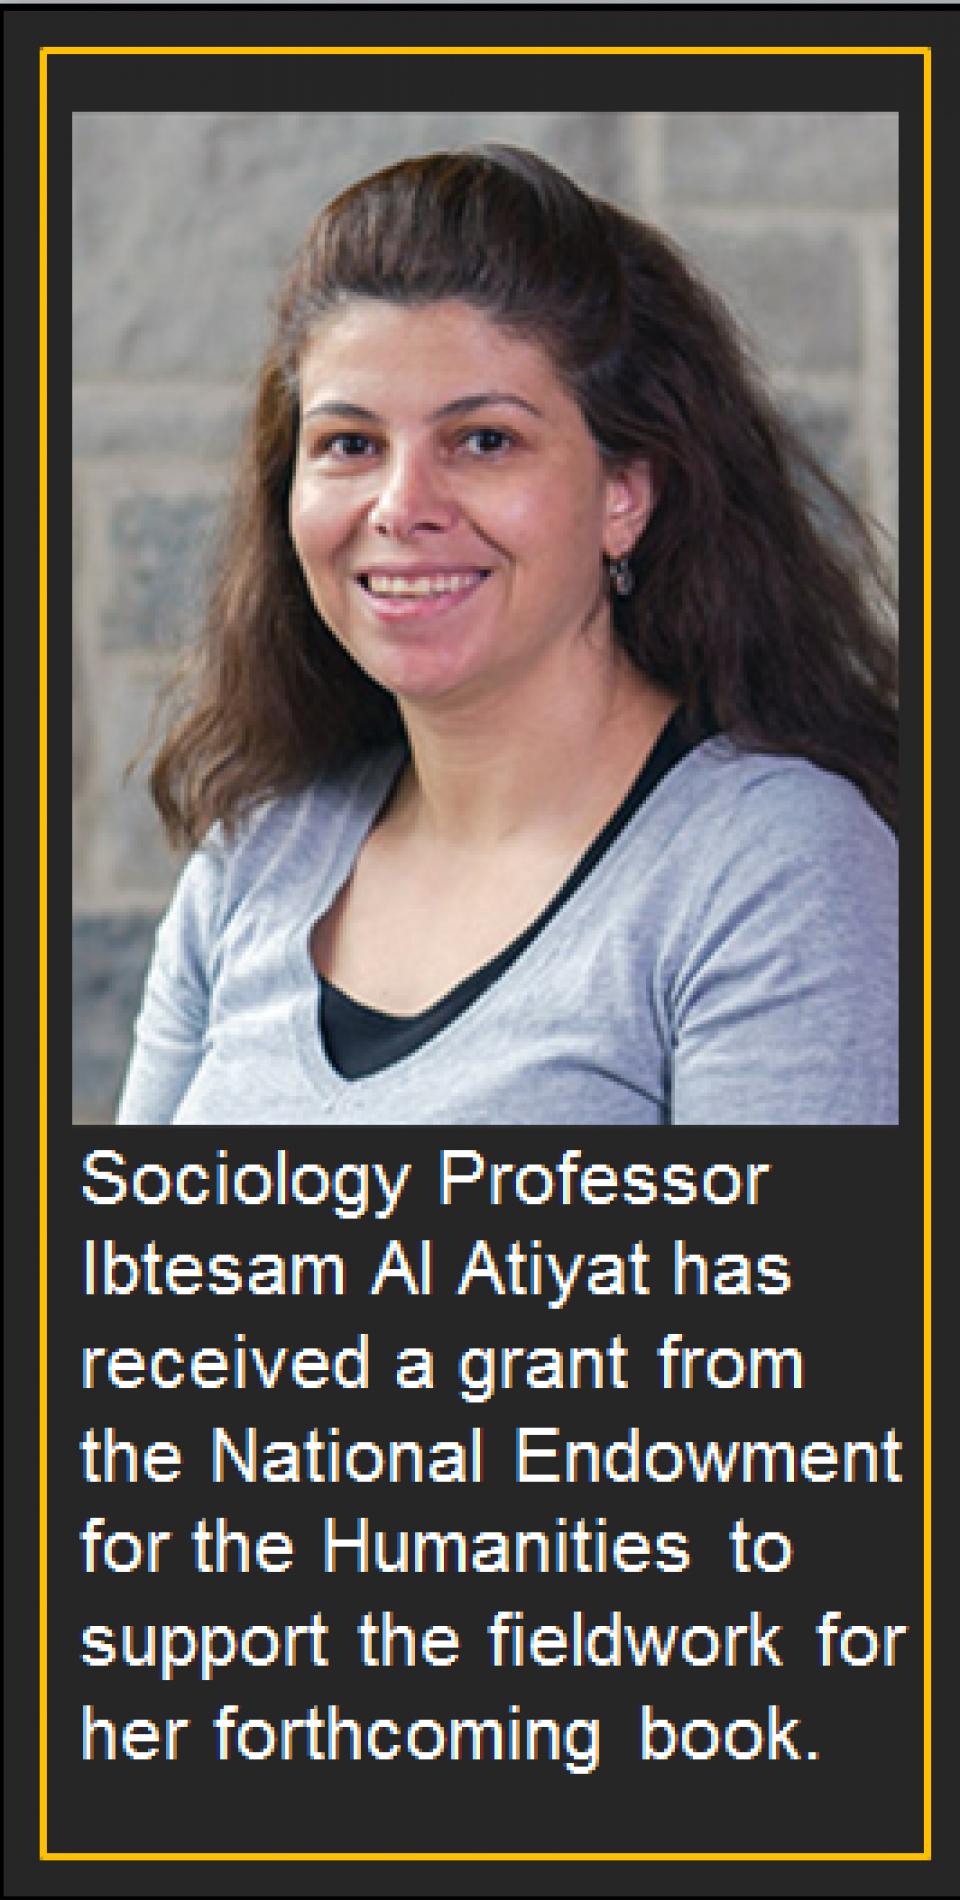 Prof. Ibtesam Al Atiyat